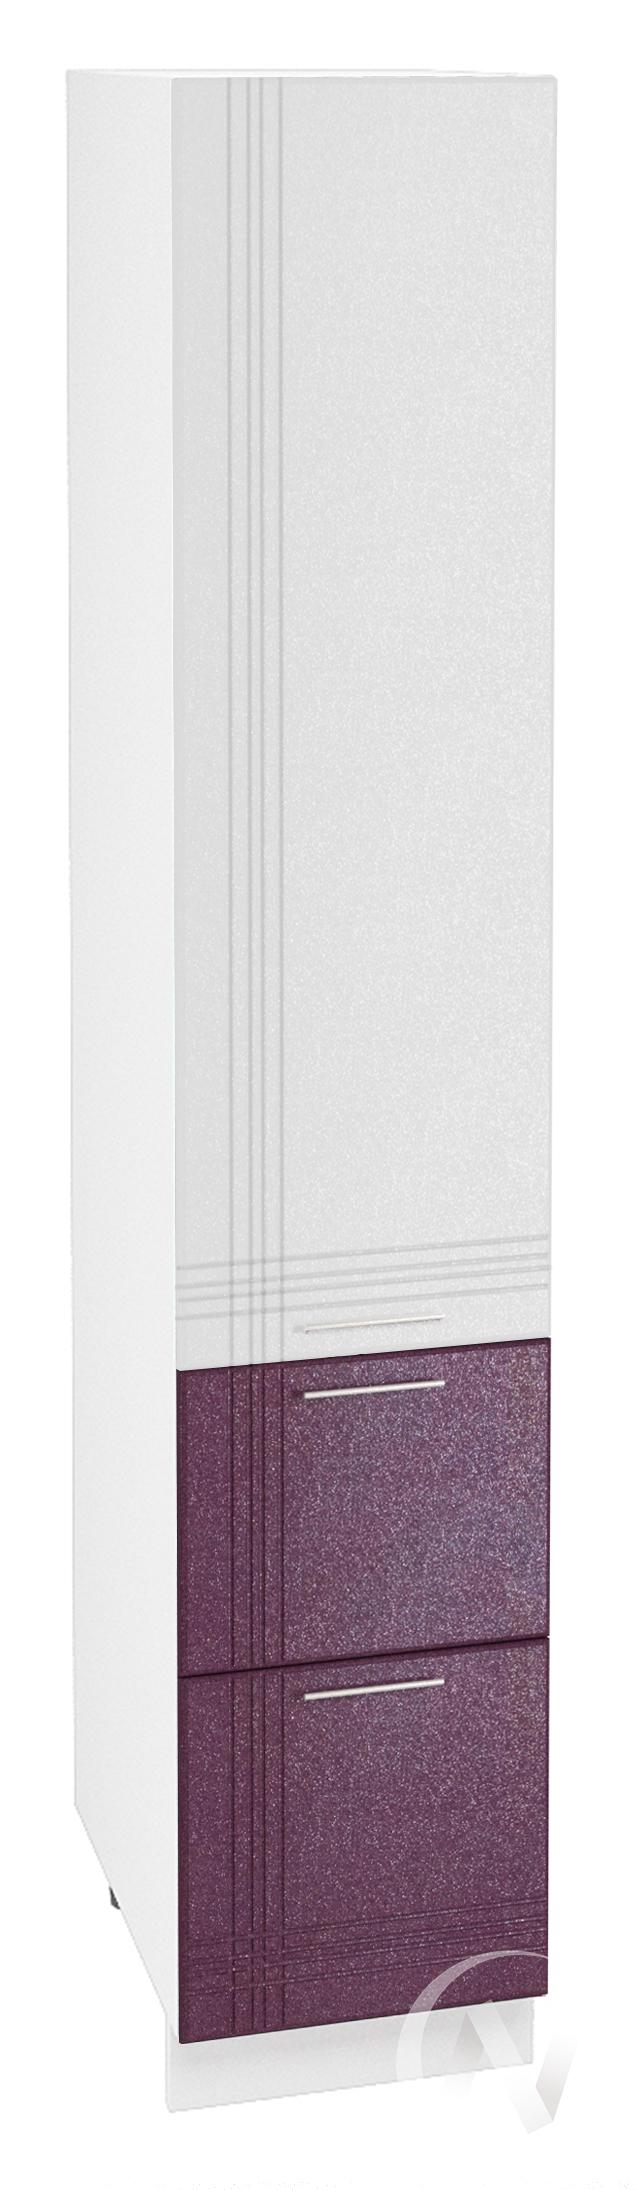 """Кухня """"Струна"""": Шкаф пенал с 2-мя ящиками 400, ШП2Я 400 (белый/фиолетовый металлик/корпус белый)"""